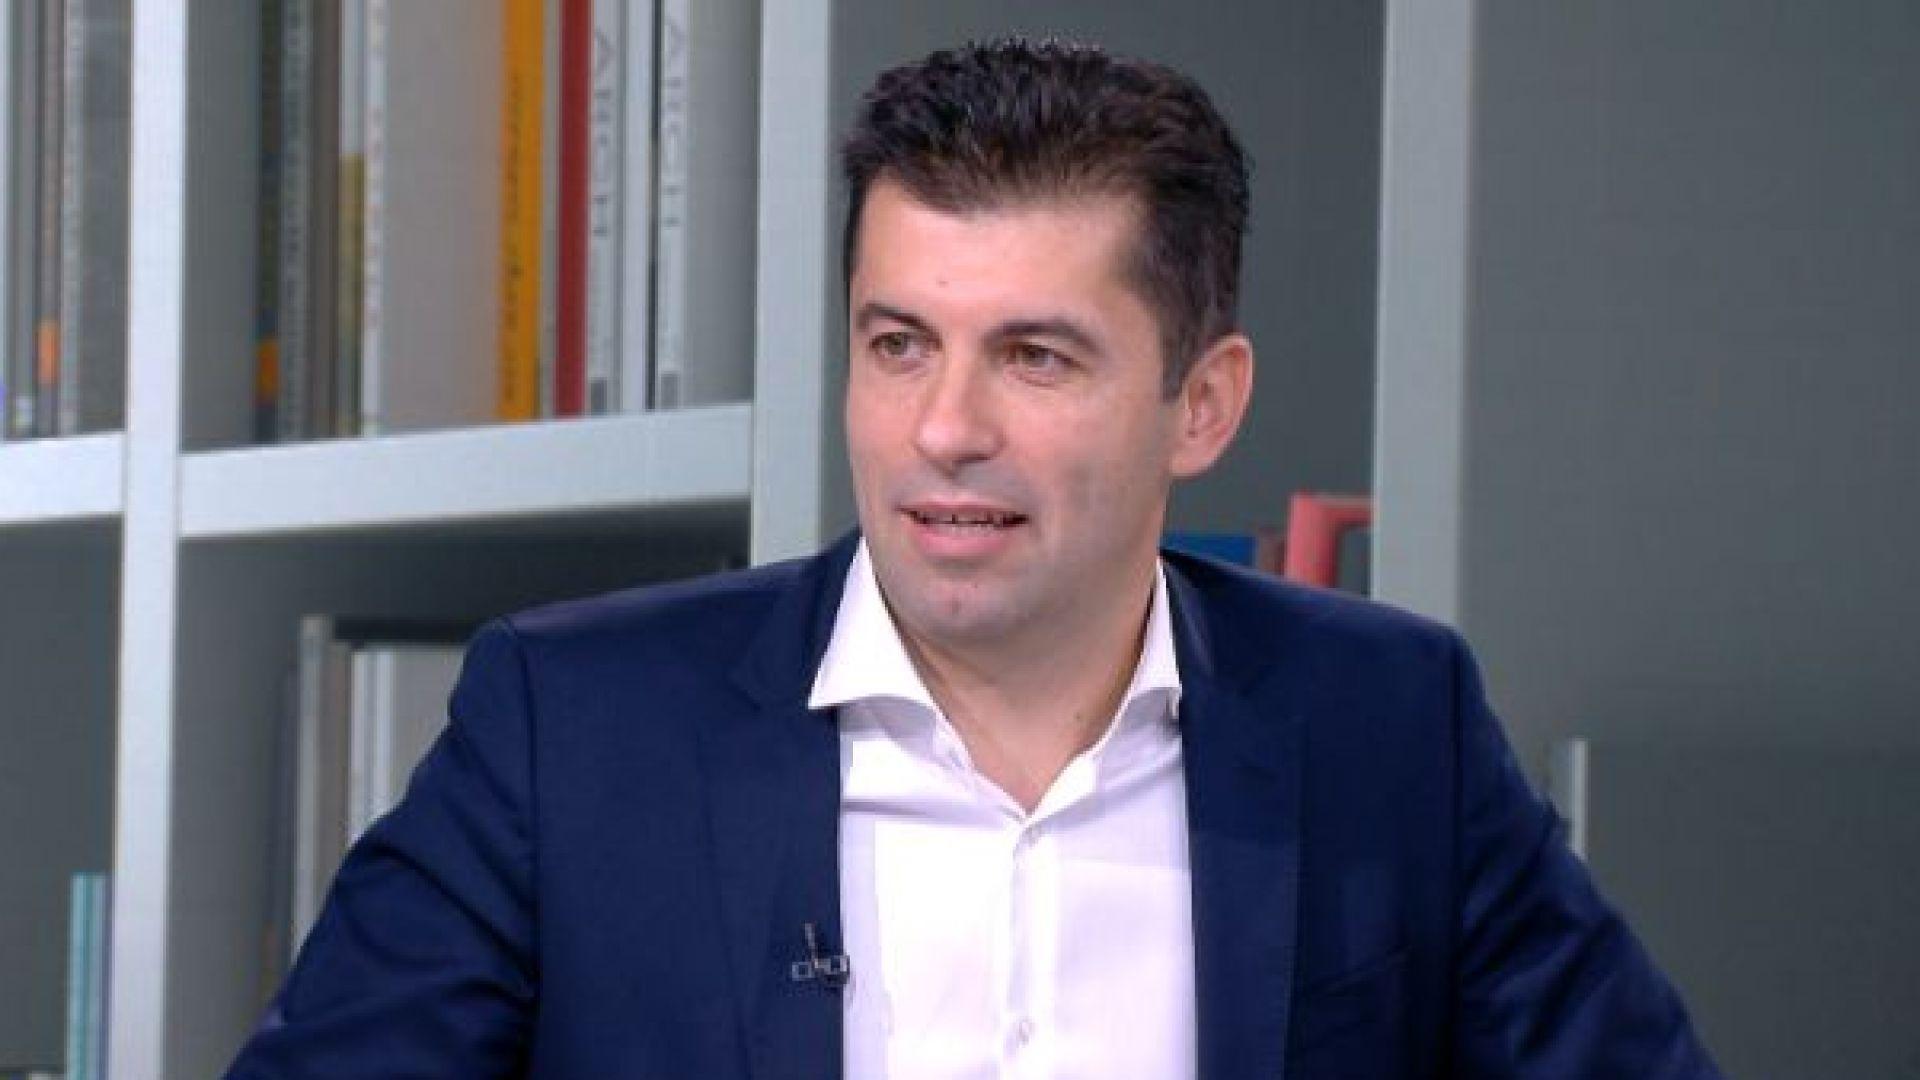 Кирил Петков е представил в КС документа, удостоверяващ, че не е канадски гражданин